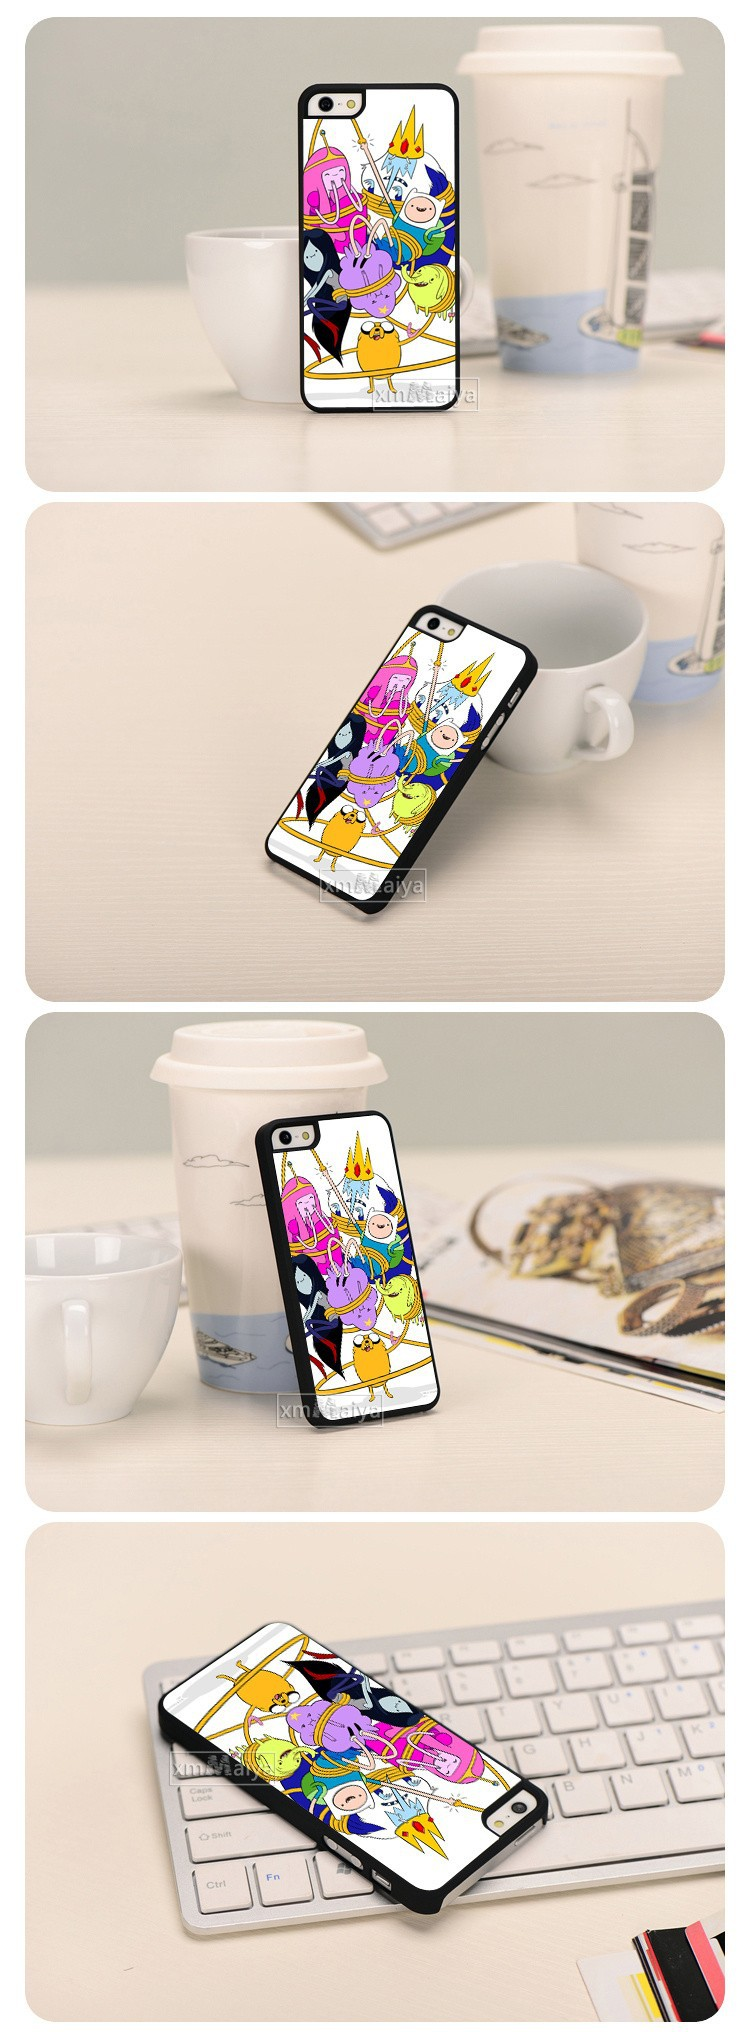 Чехол для для мобильных телефонов MaiYa iPhone 5s 5 1 For iPhone 5 5S 5th